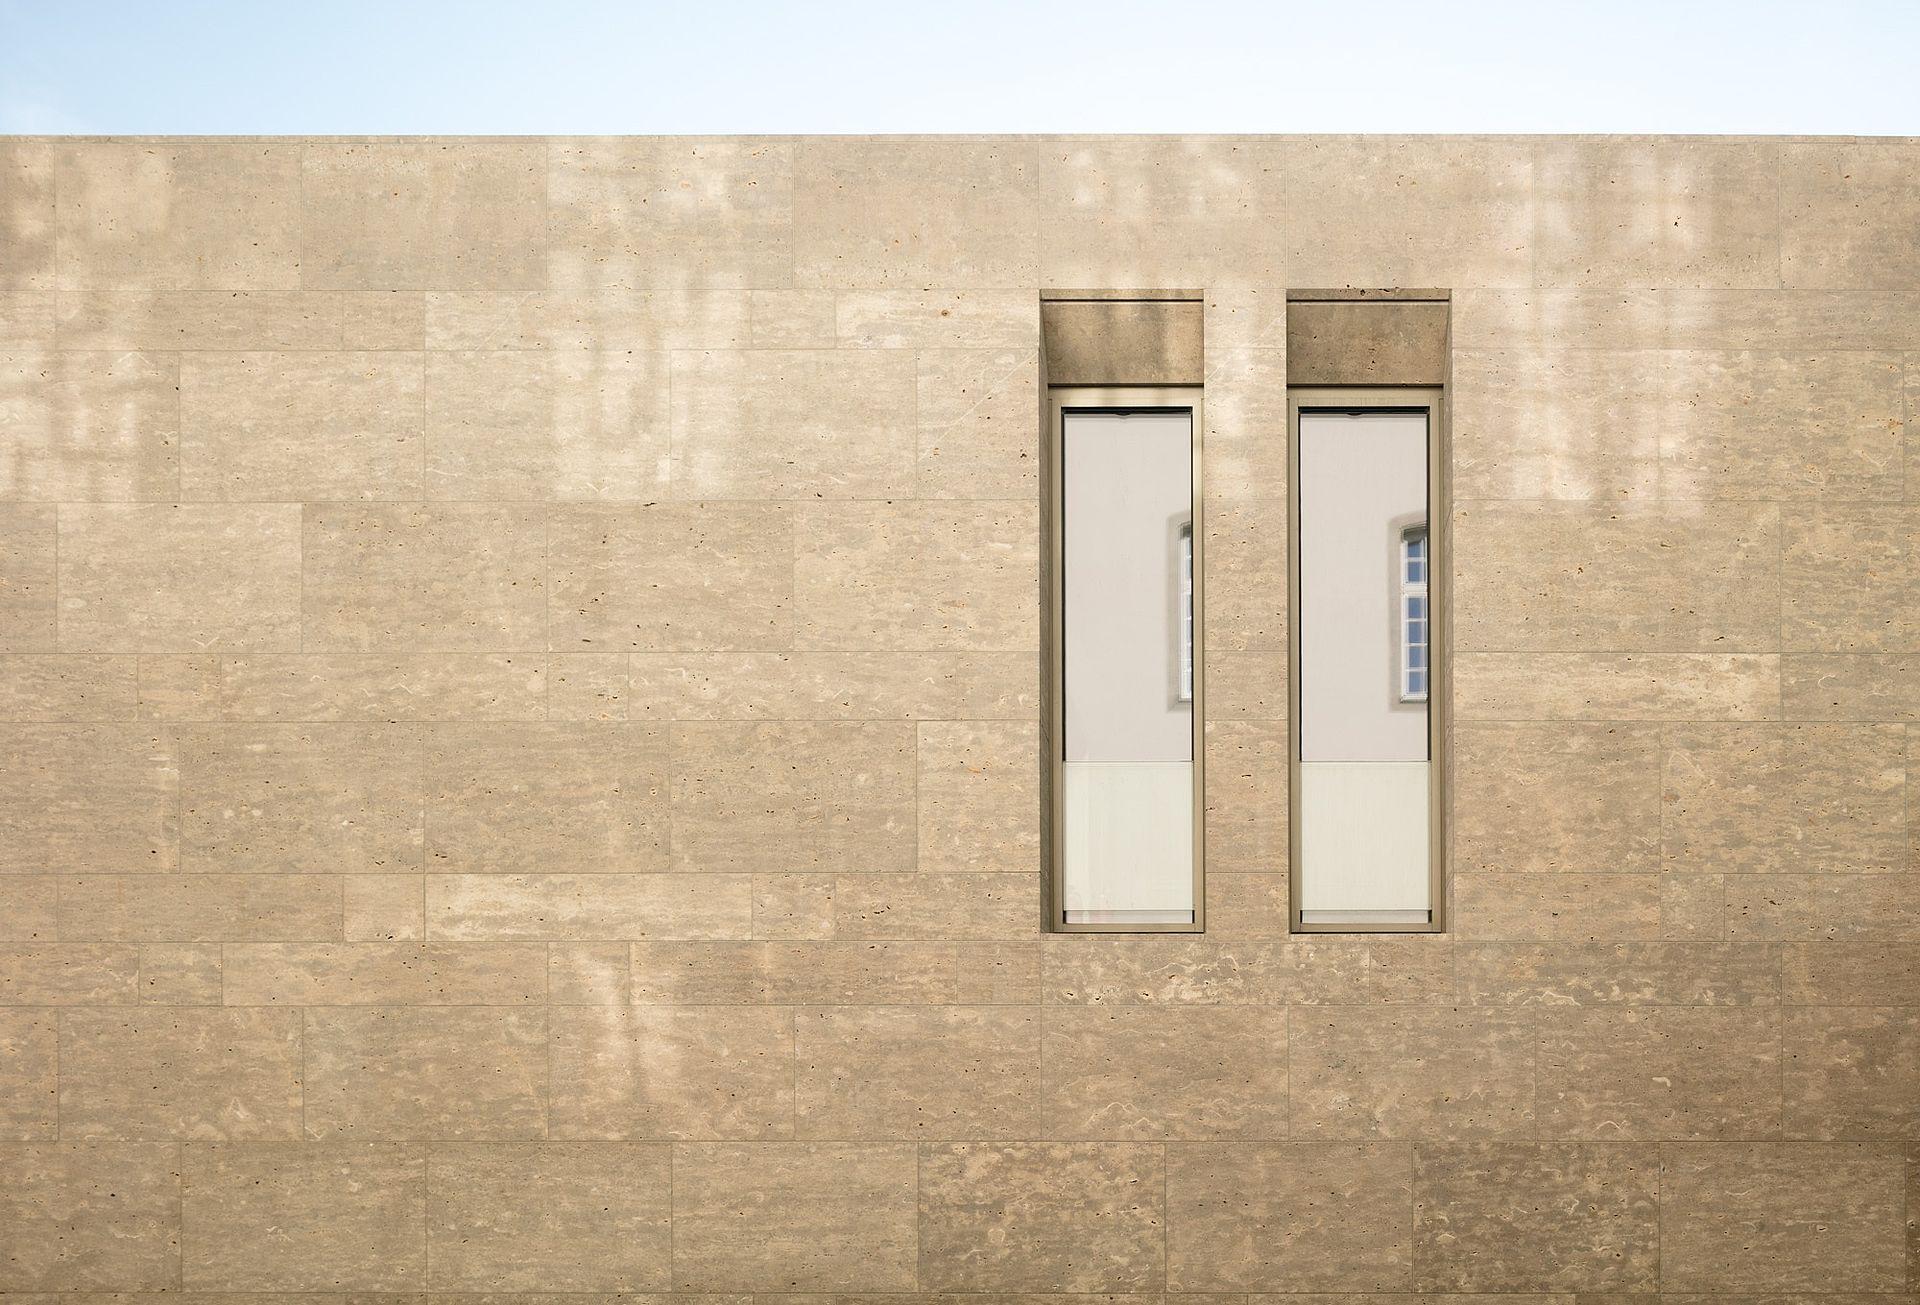 Full Size of Integrierte Glasbrstungen Fr Fenster Absturzsicherung Dachschräge Nach Maß Einbruchsicher Abdichten Schräge Abdunkeln Einbruchschutz Nachrüsten Fenster Absturzsicherung Fenster